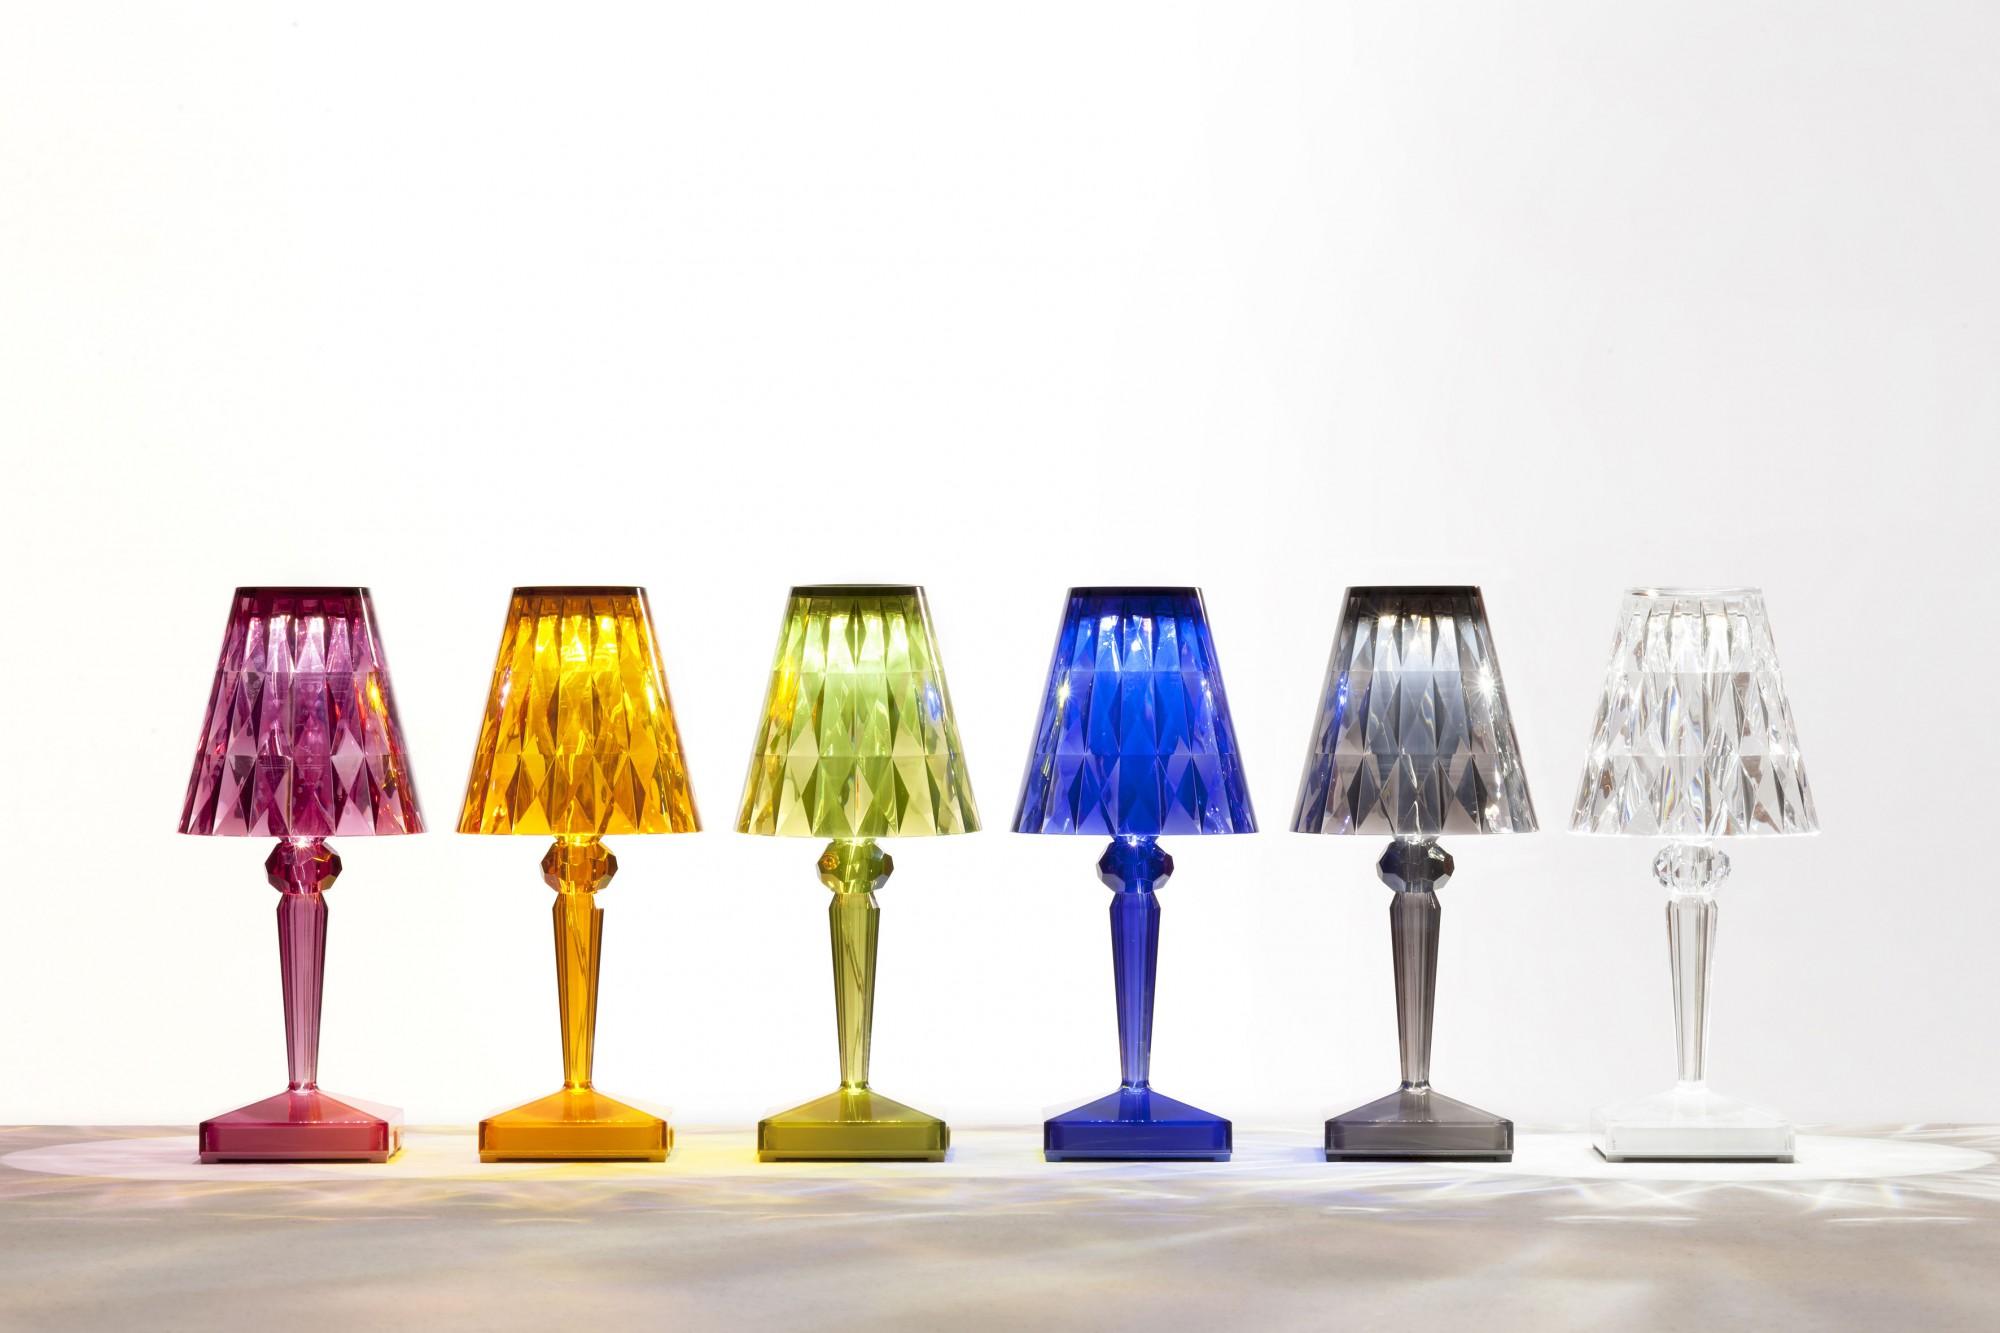 Battery lampada da tavolo Kartell | Lampade da tavolo ...